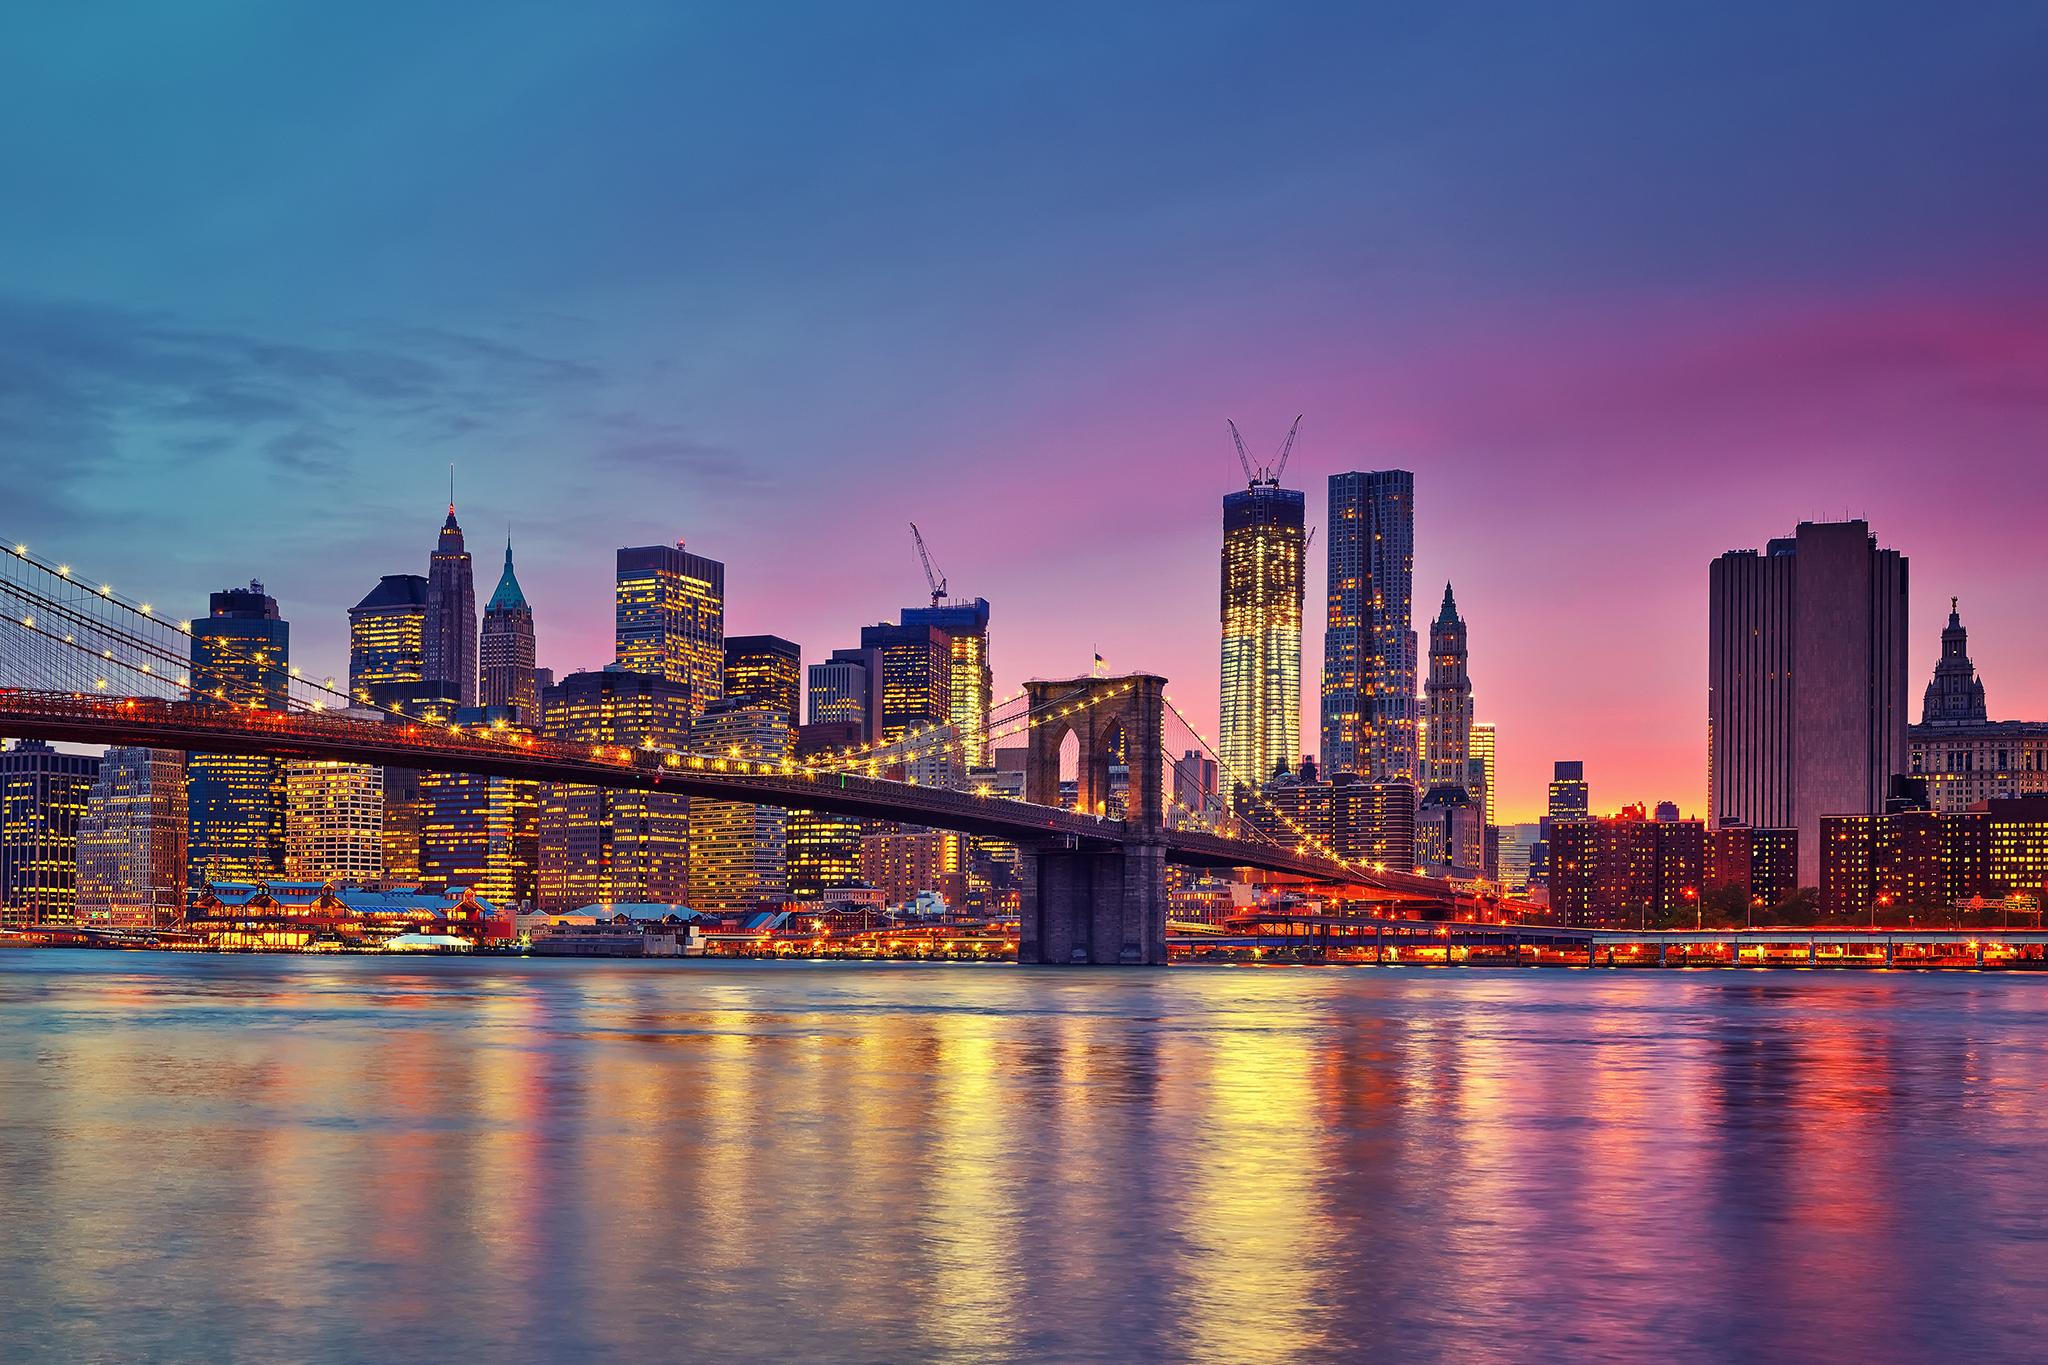 По версии Forbes: самые богатые города мира